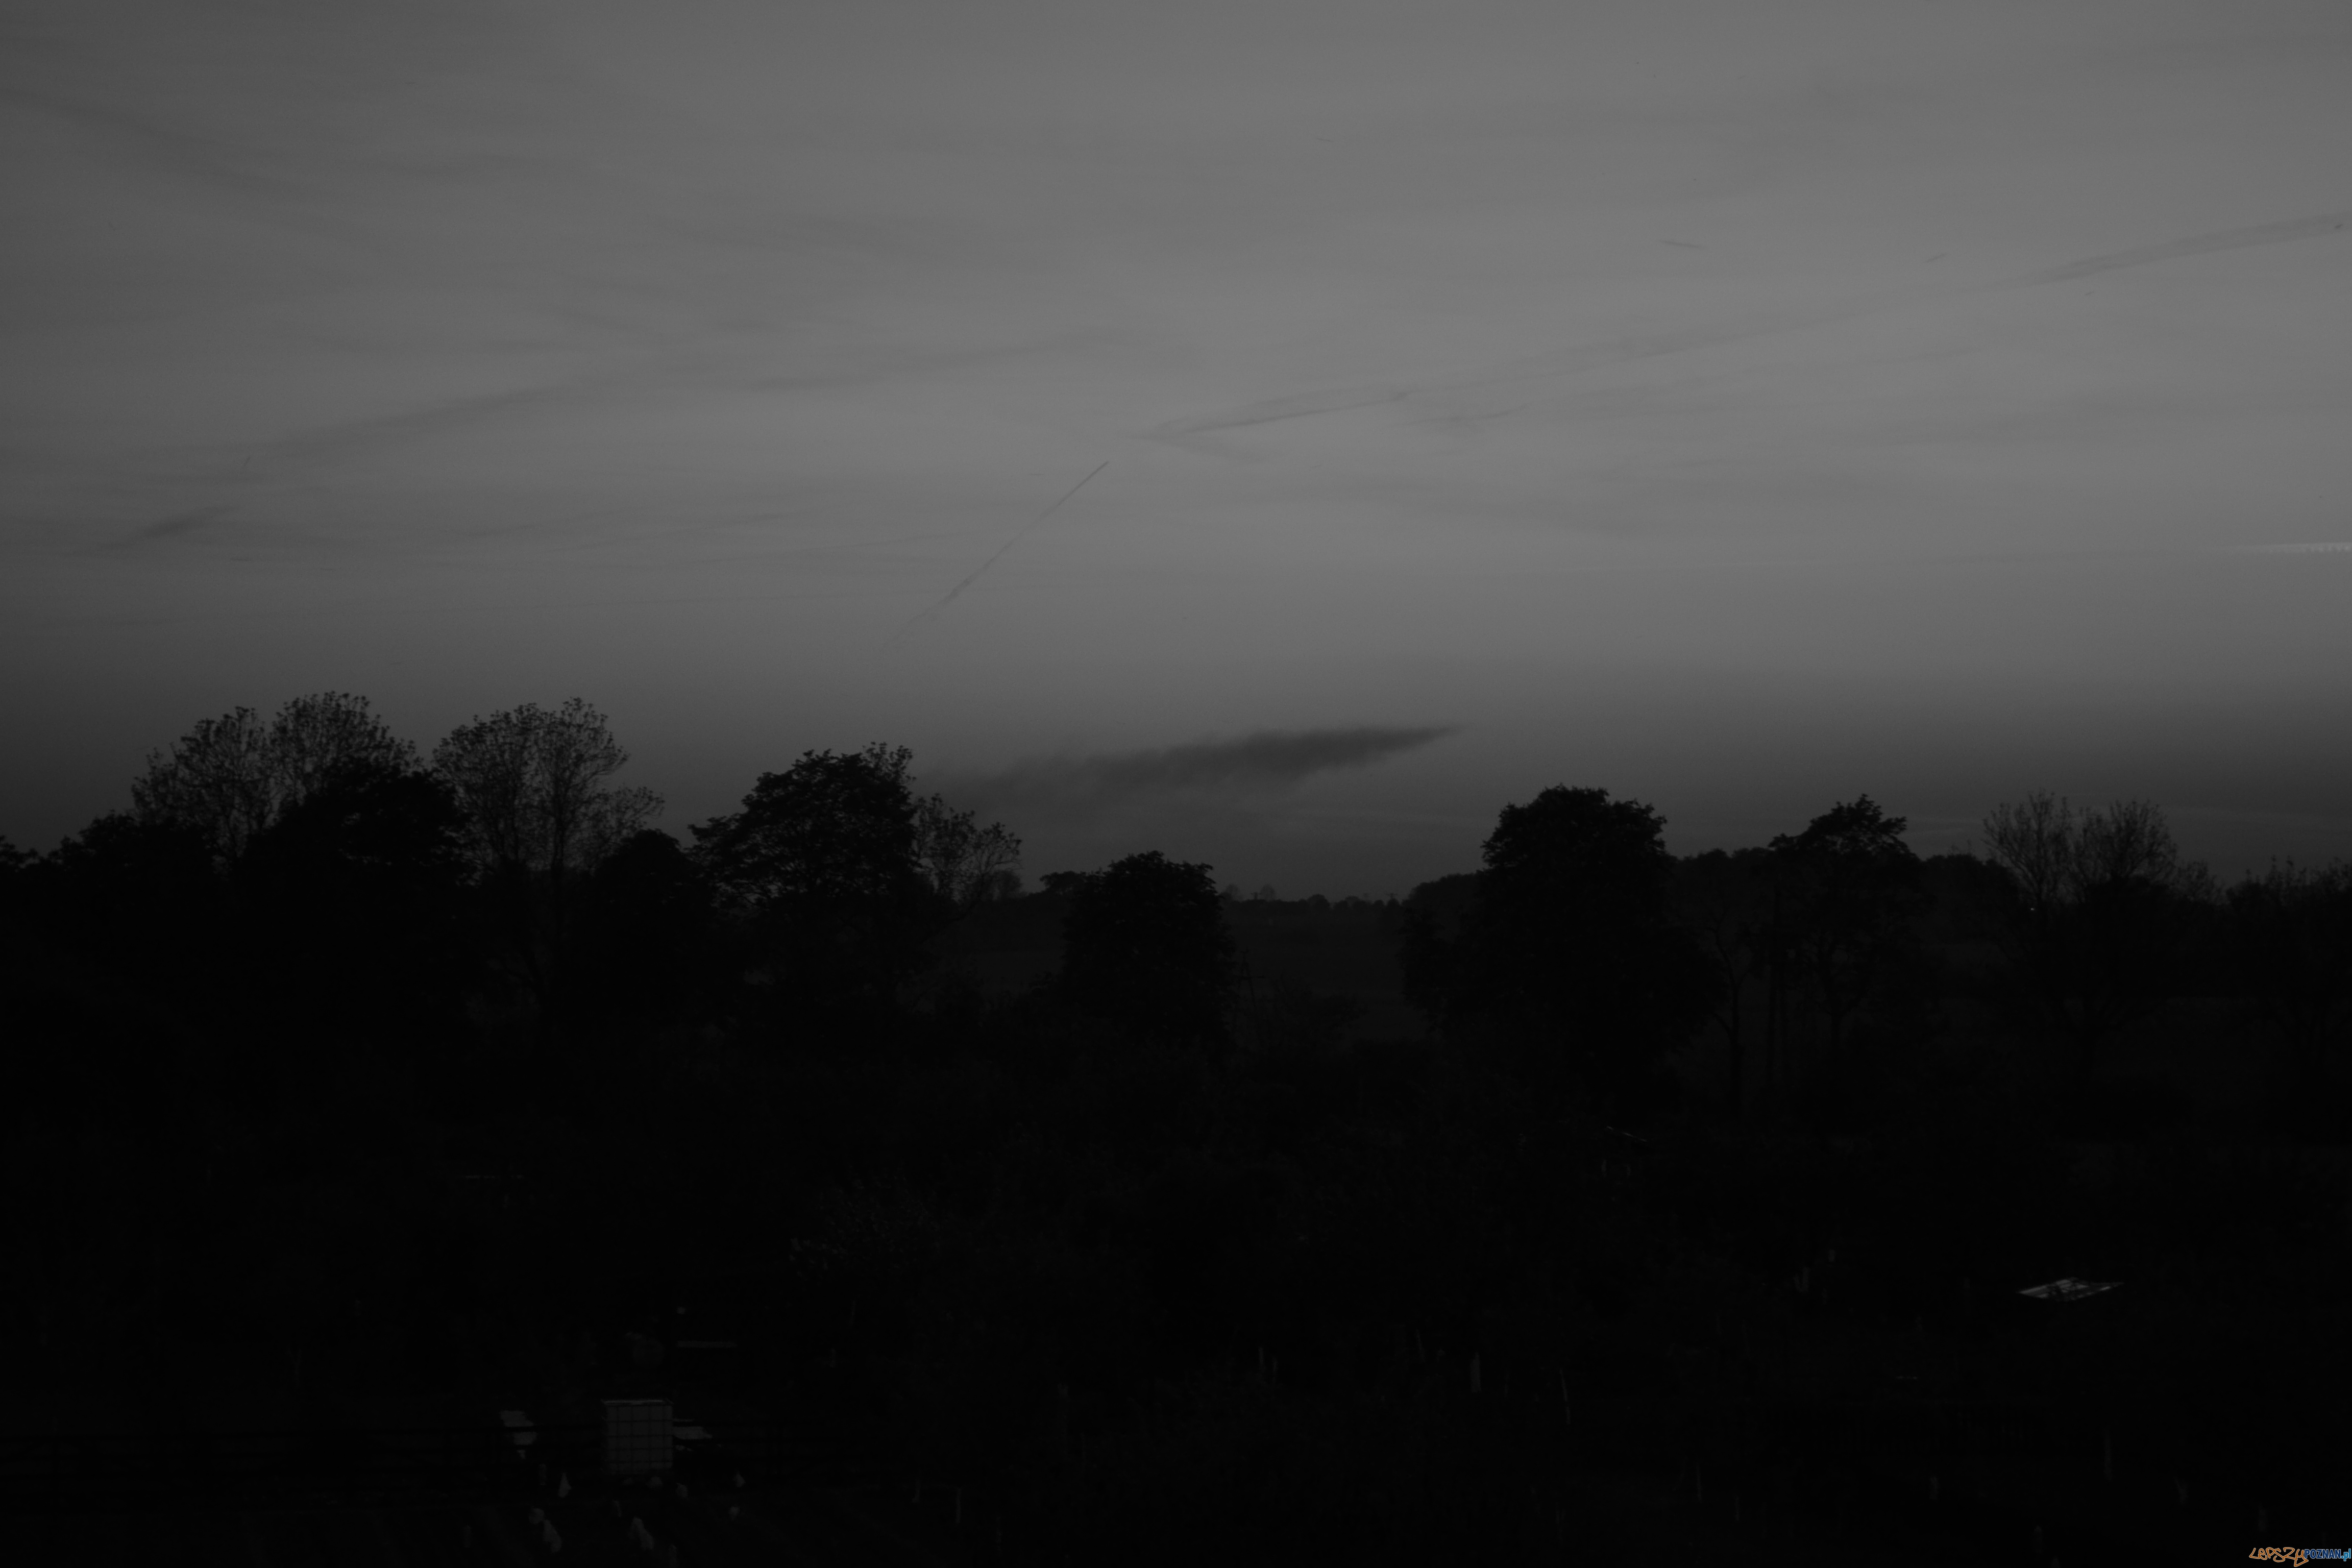 Pożar na Sieradzkiej - widok z ok. 30 km za Kostrzynem  Foto: Ola